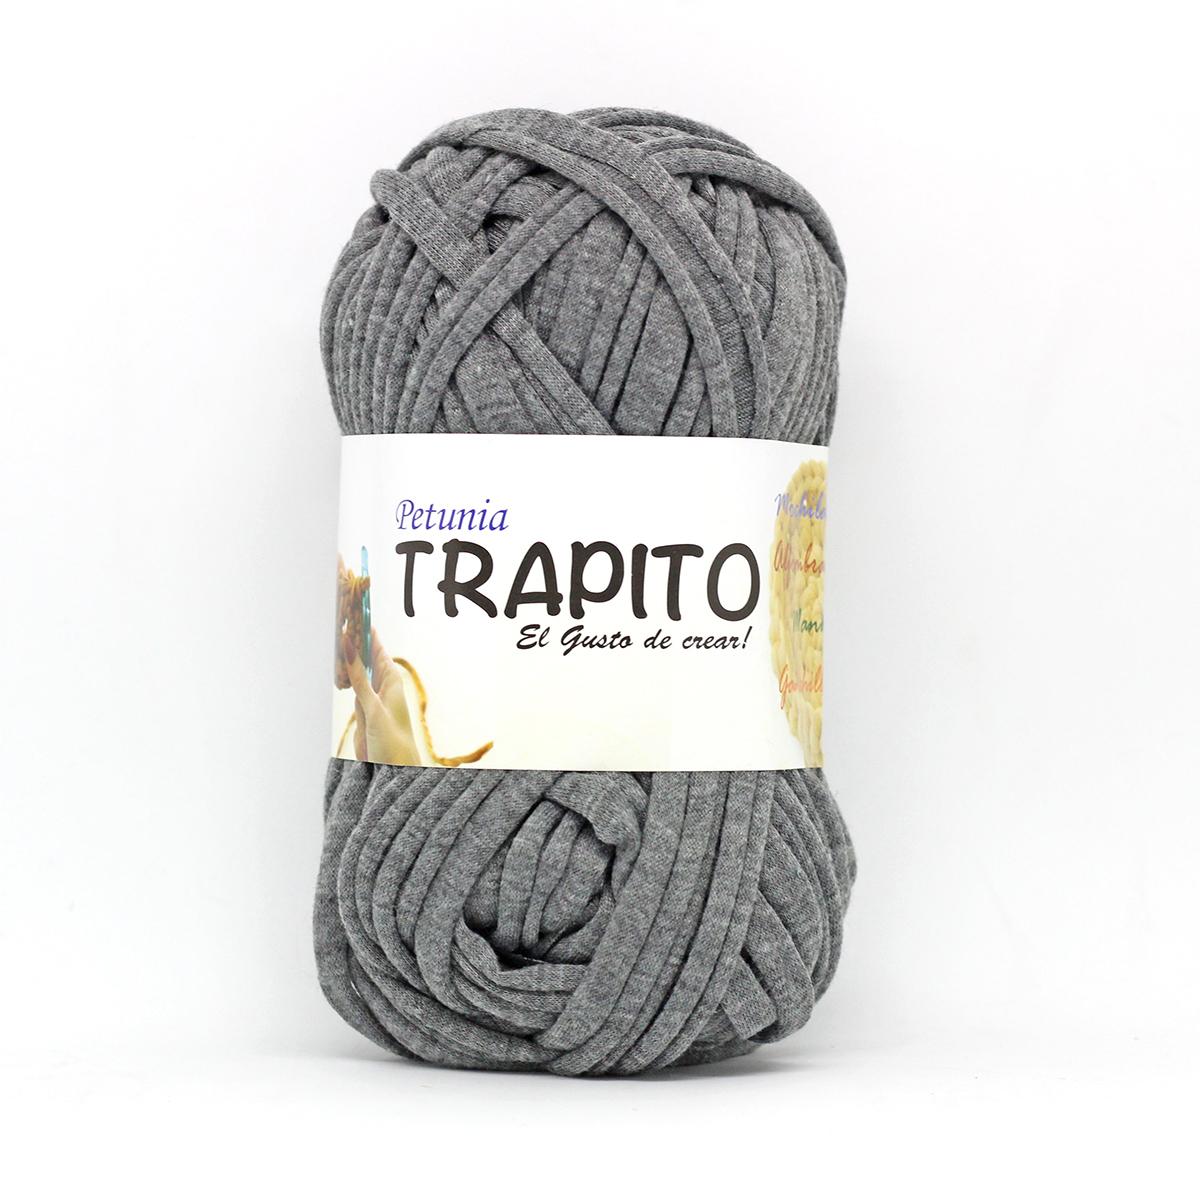 Trapito - 60